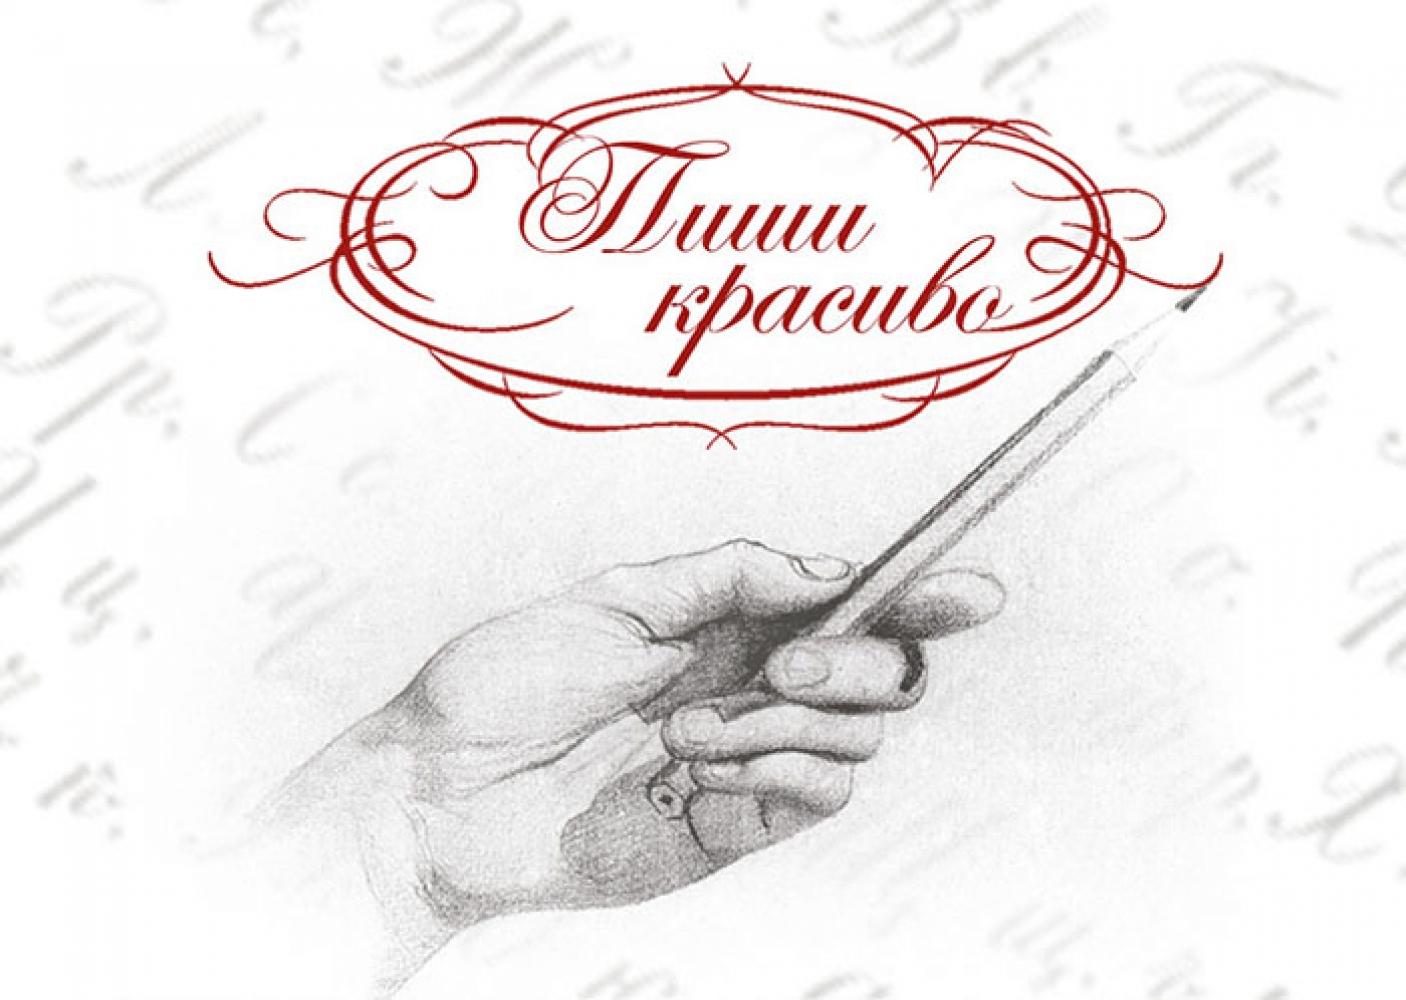 В Костроме пройдет конкурс на самый красивый почерк